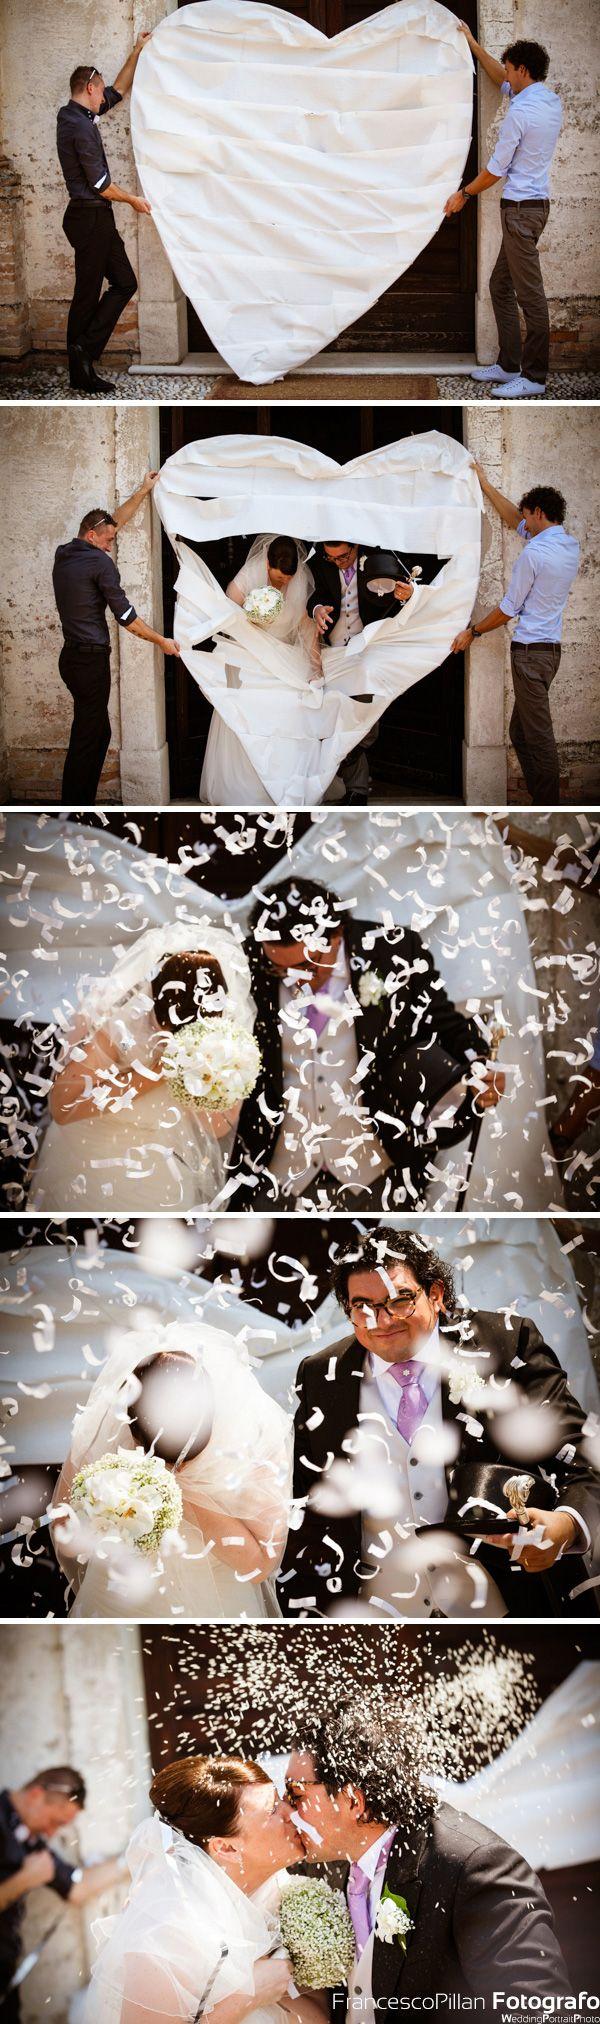 Matrimonio Lancenigo Villorba Ricevimento Tajer D Oro Matrimonio Intrattenimento Matrimonio Scherzi Da Matrimonio